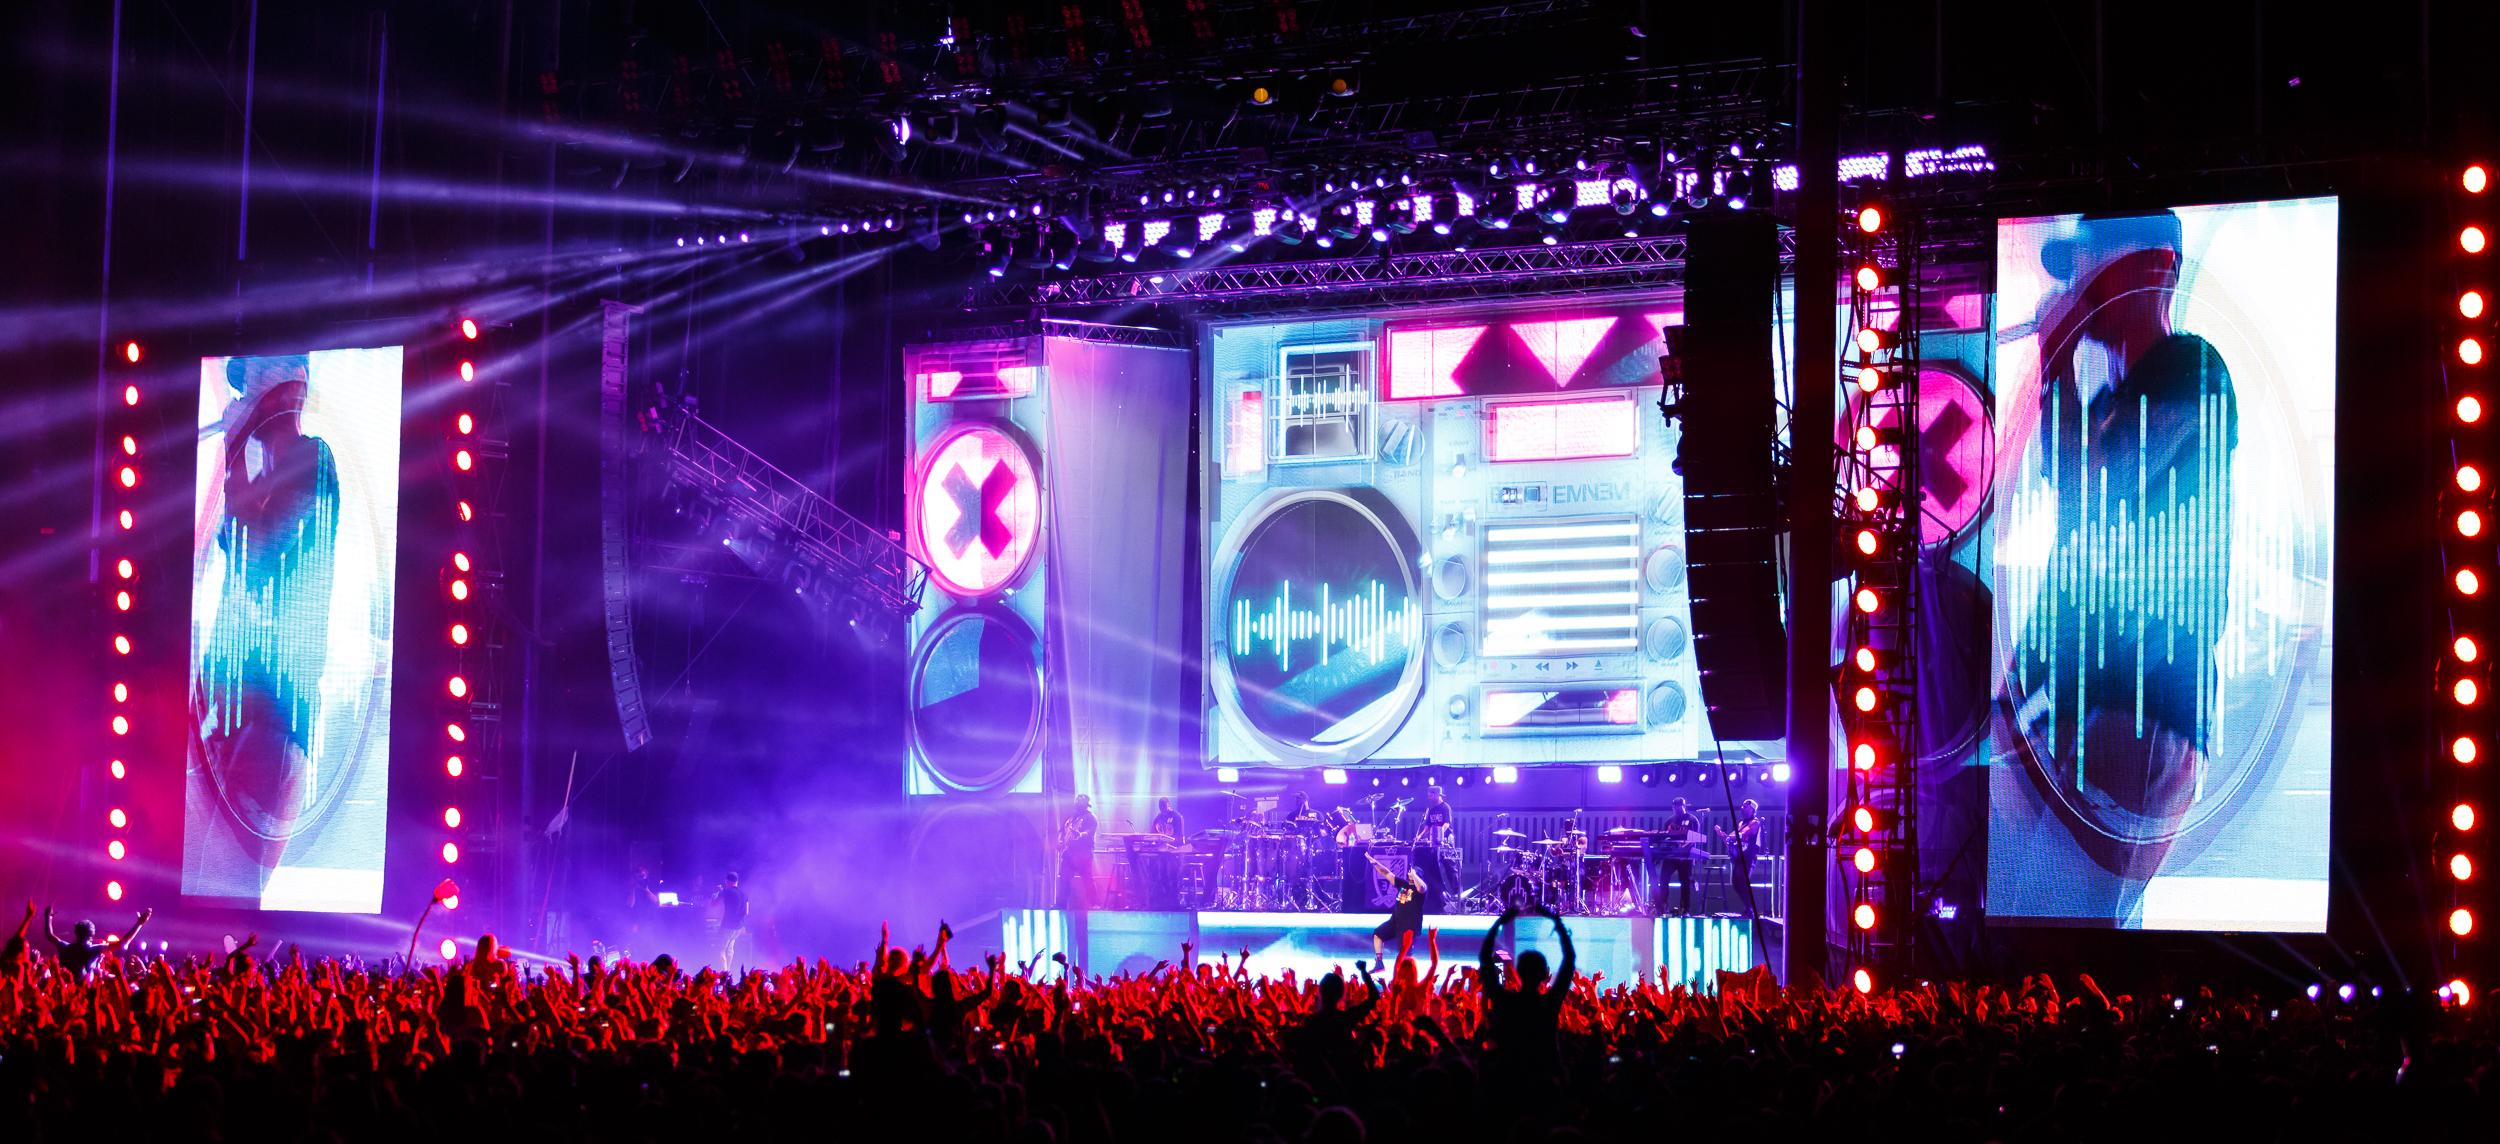 Eminem_photo27.jpg